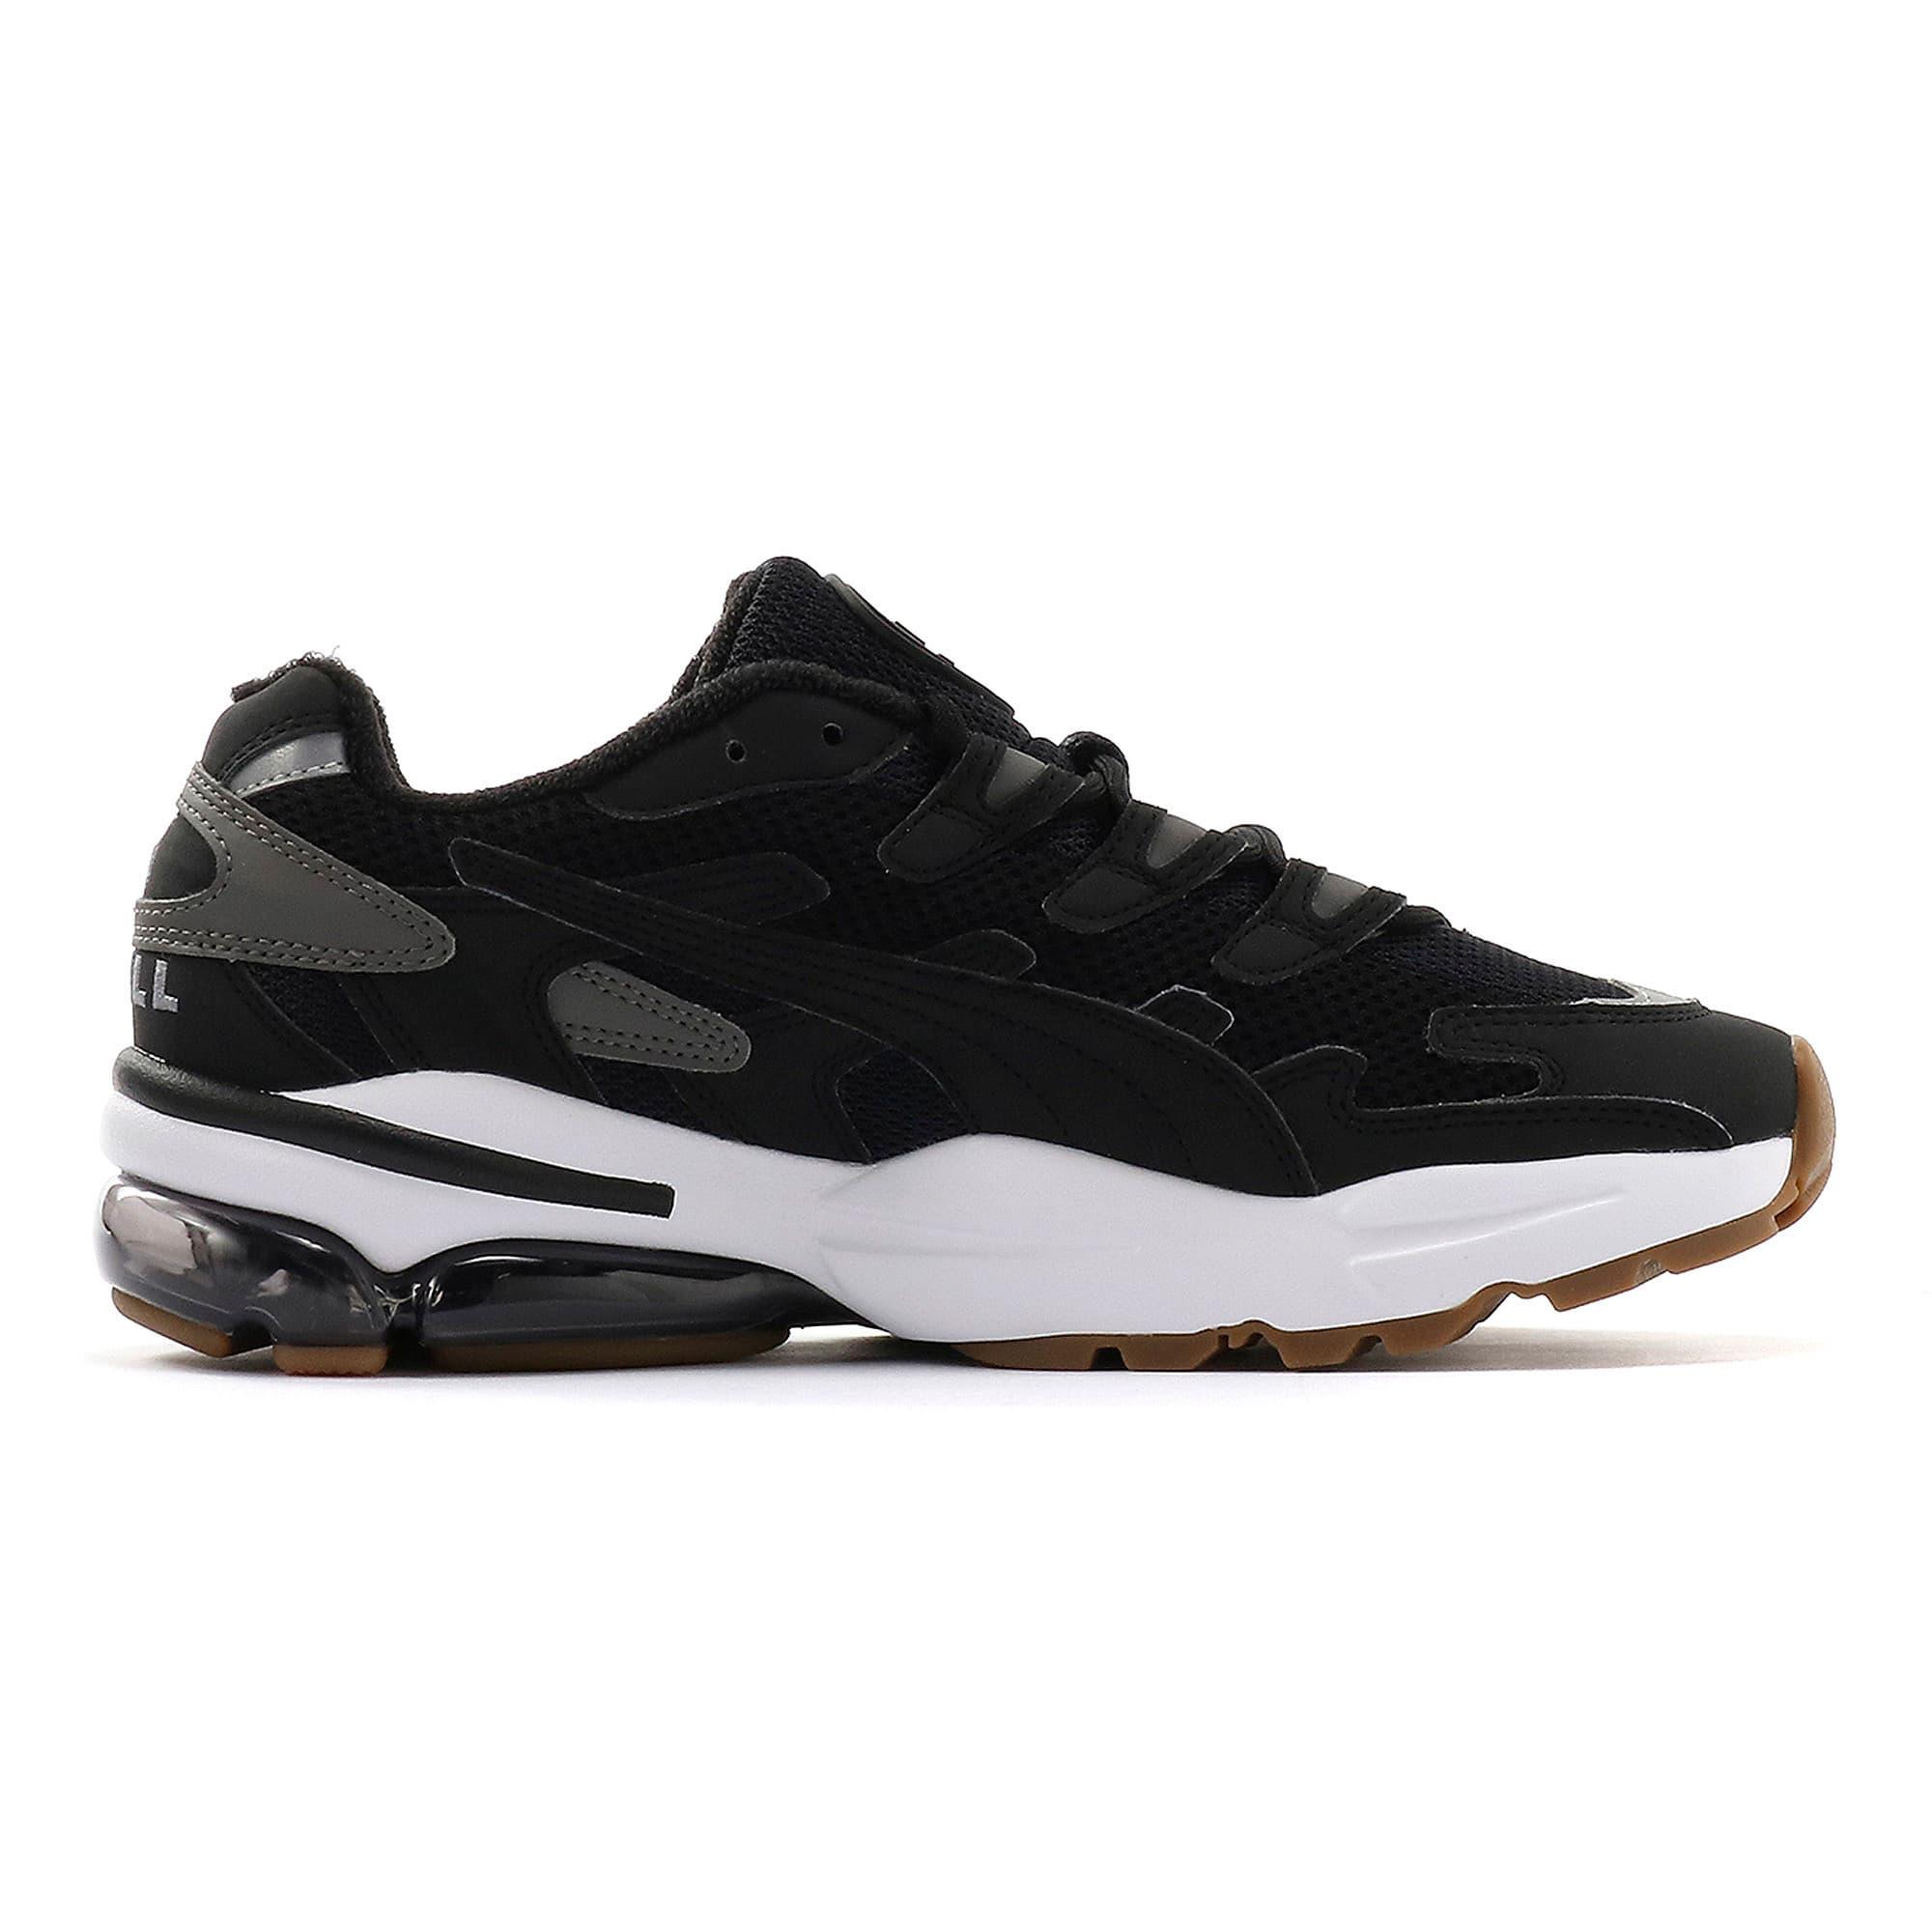 Thumbnail 5 of CELL Alien OG Sneakers, Puma Black-Gum, medium